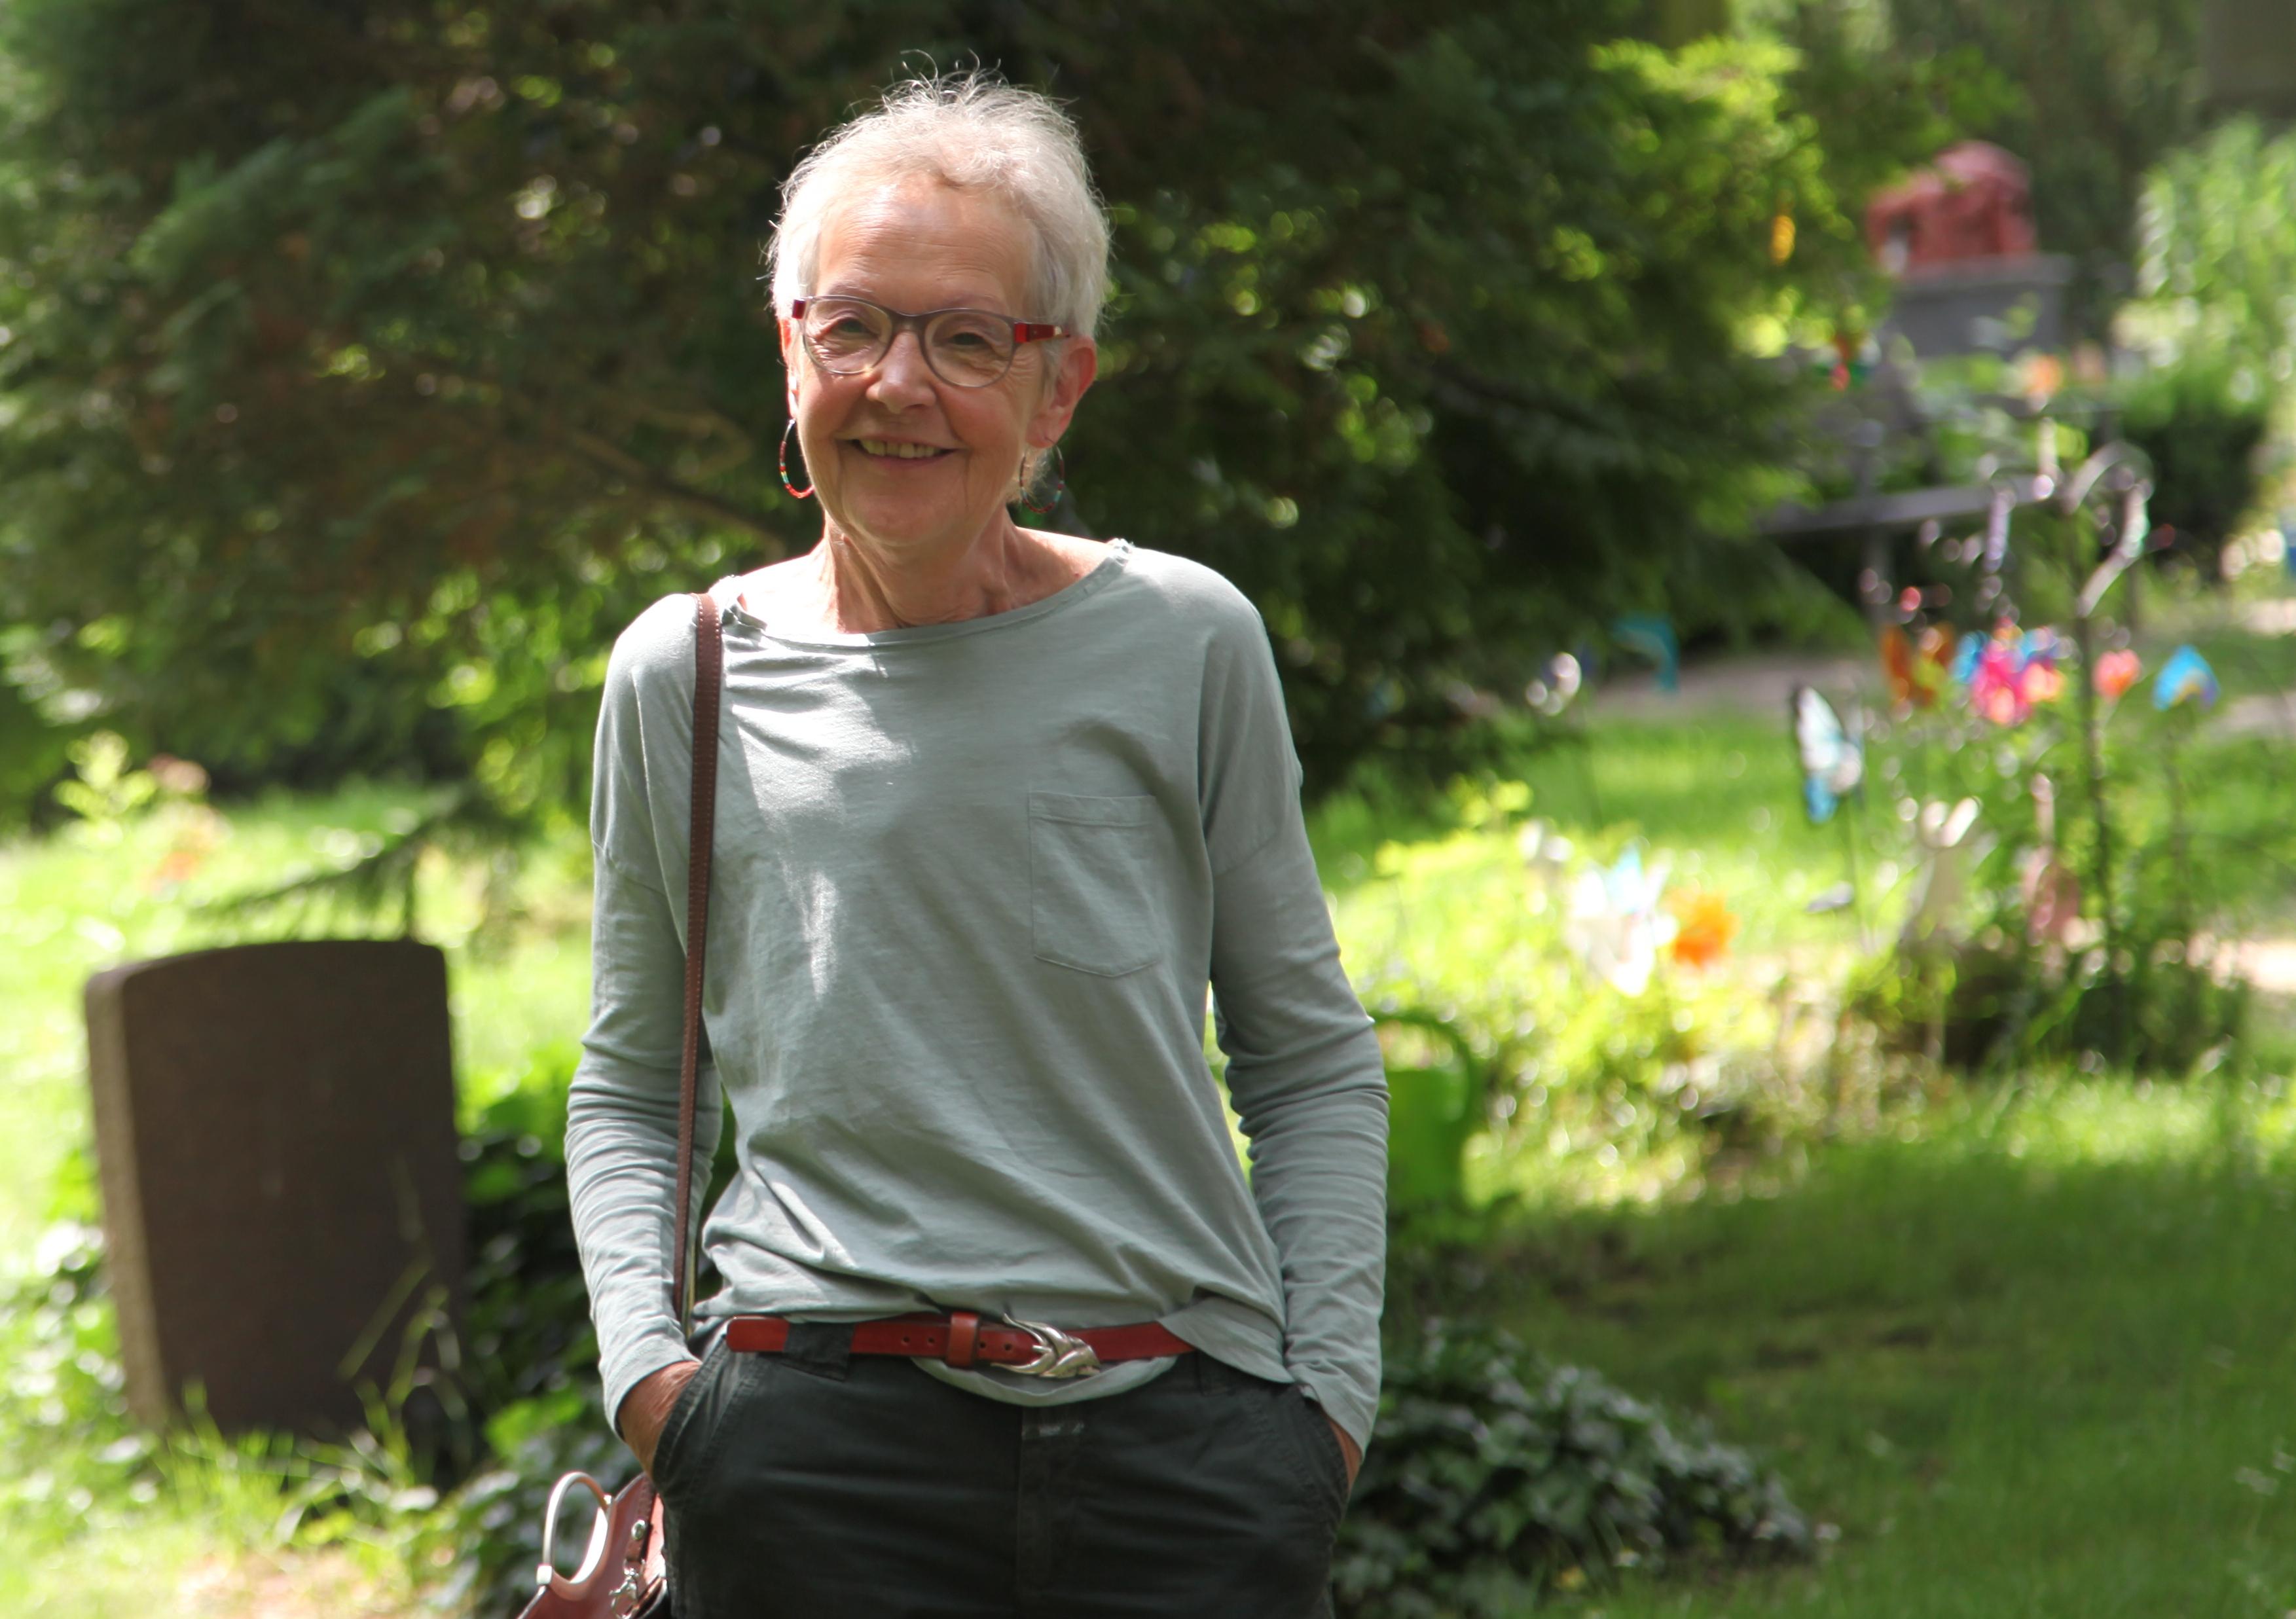 Inge von Bönninghausen